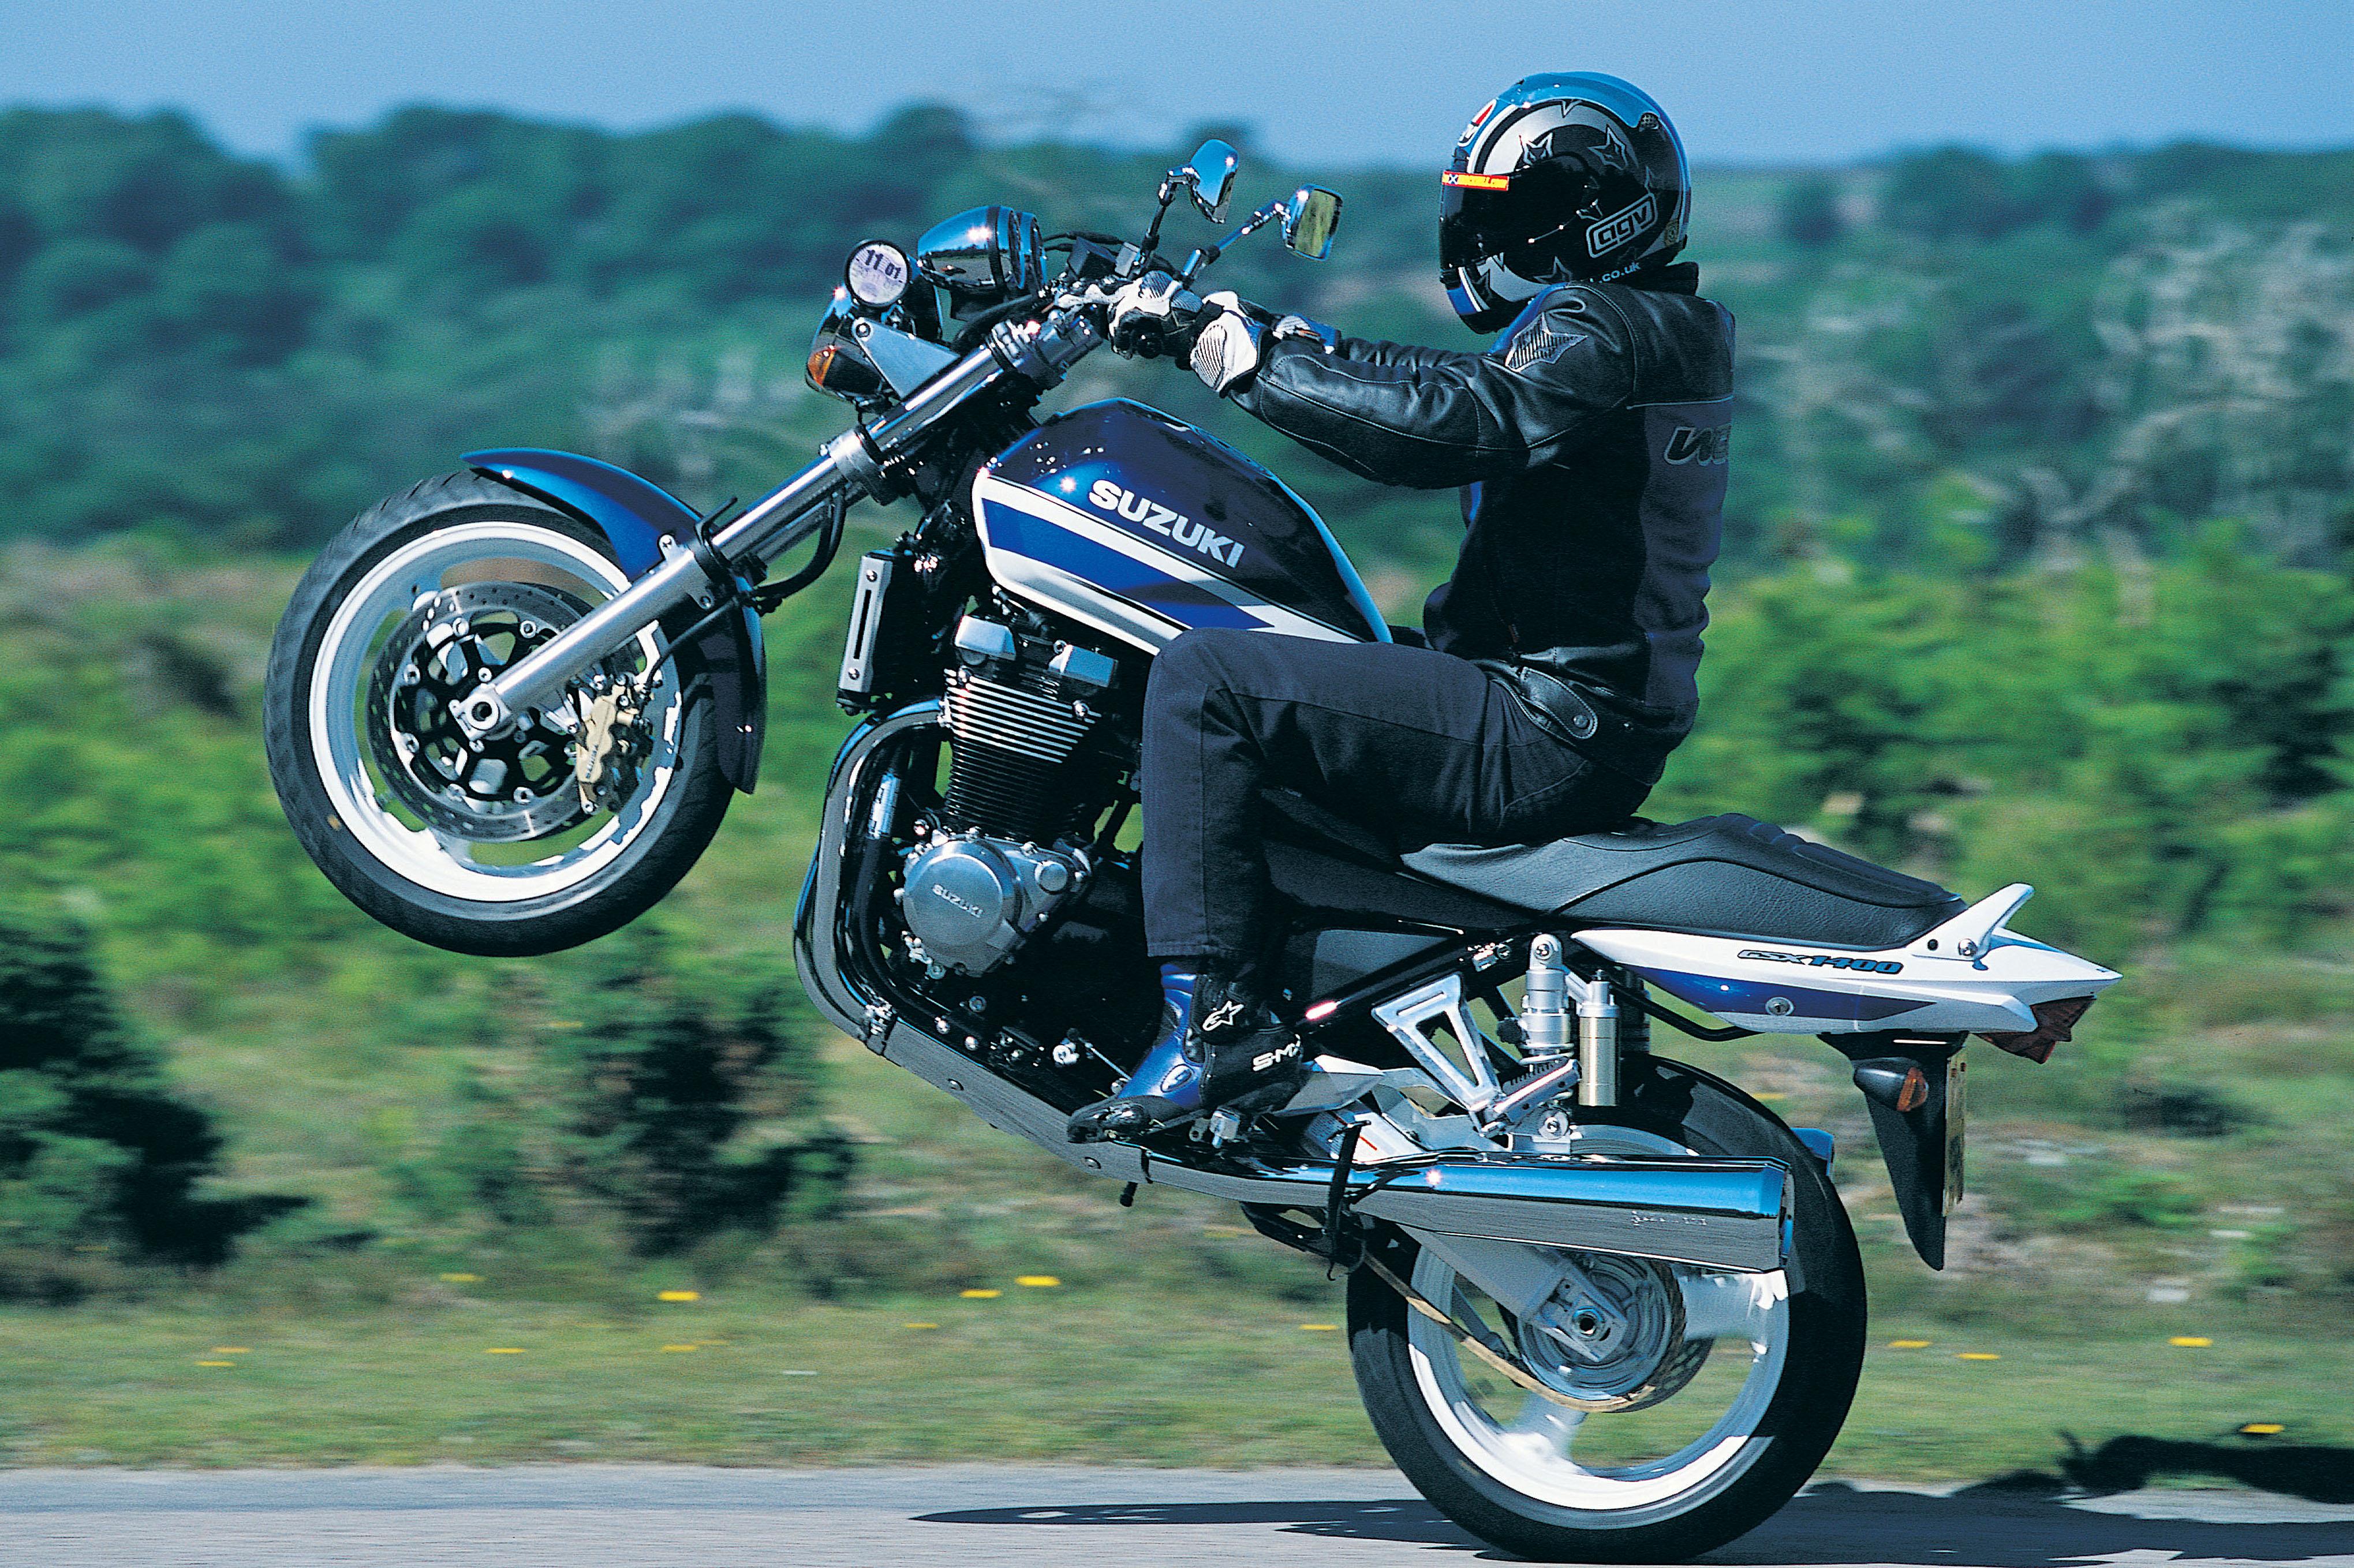 First Ride 2002 Suzuki Gsx1400 Review Road Tests First